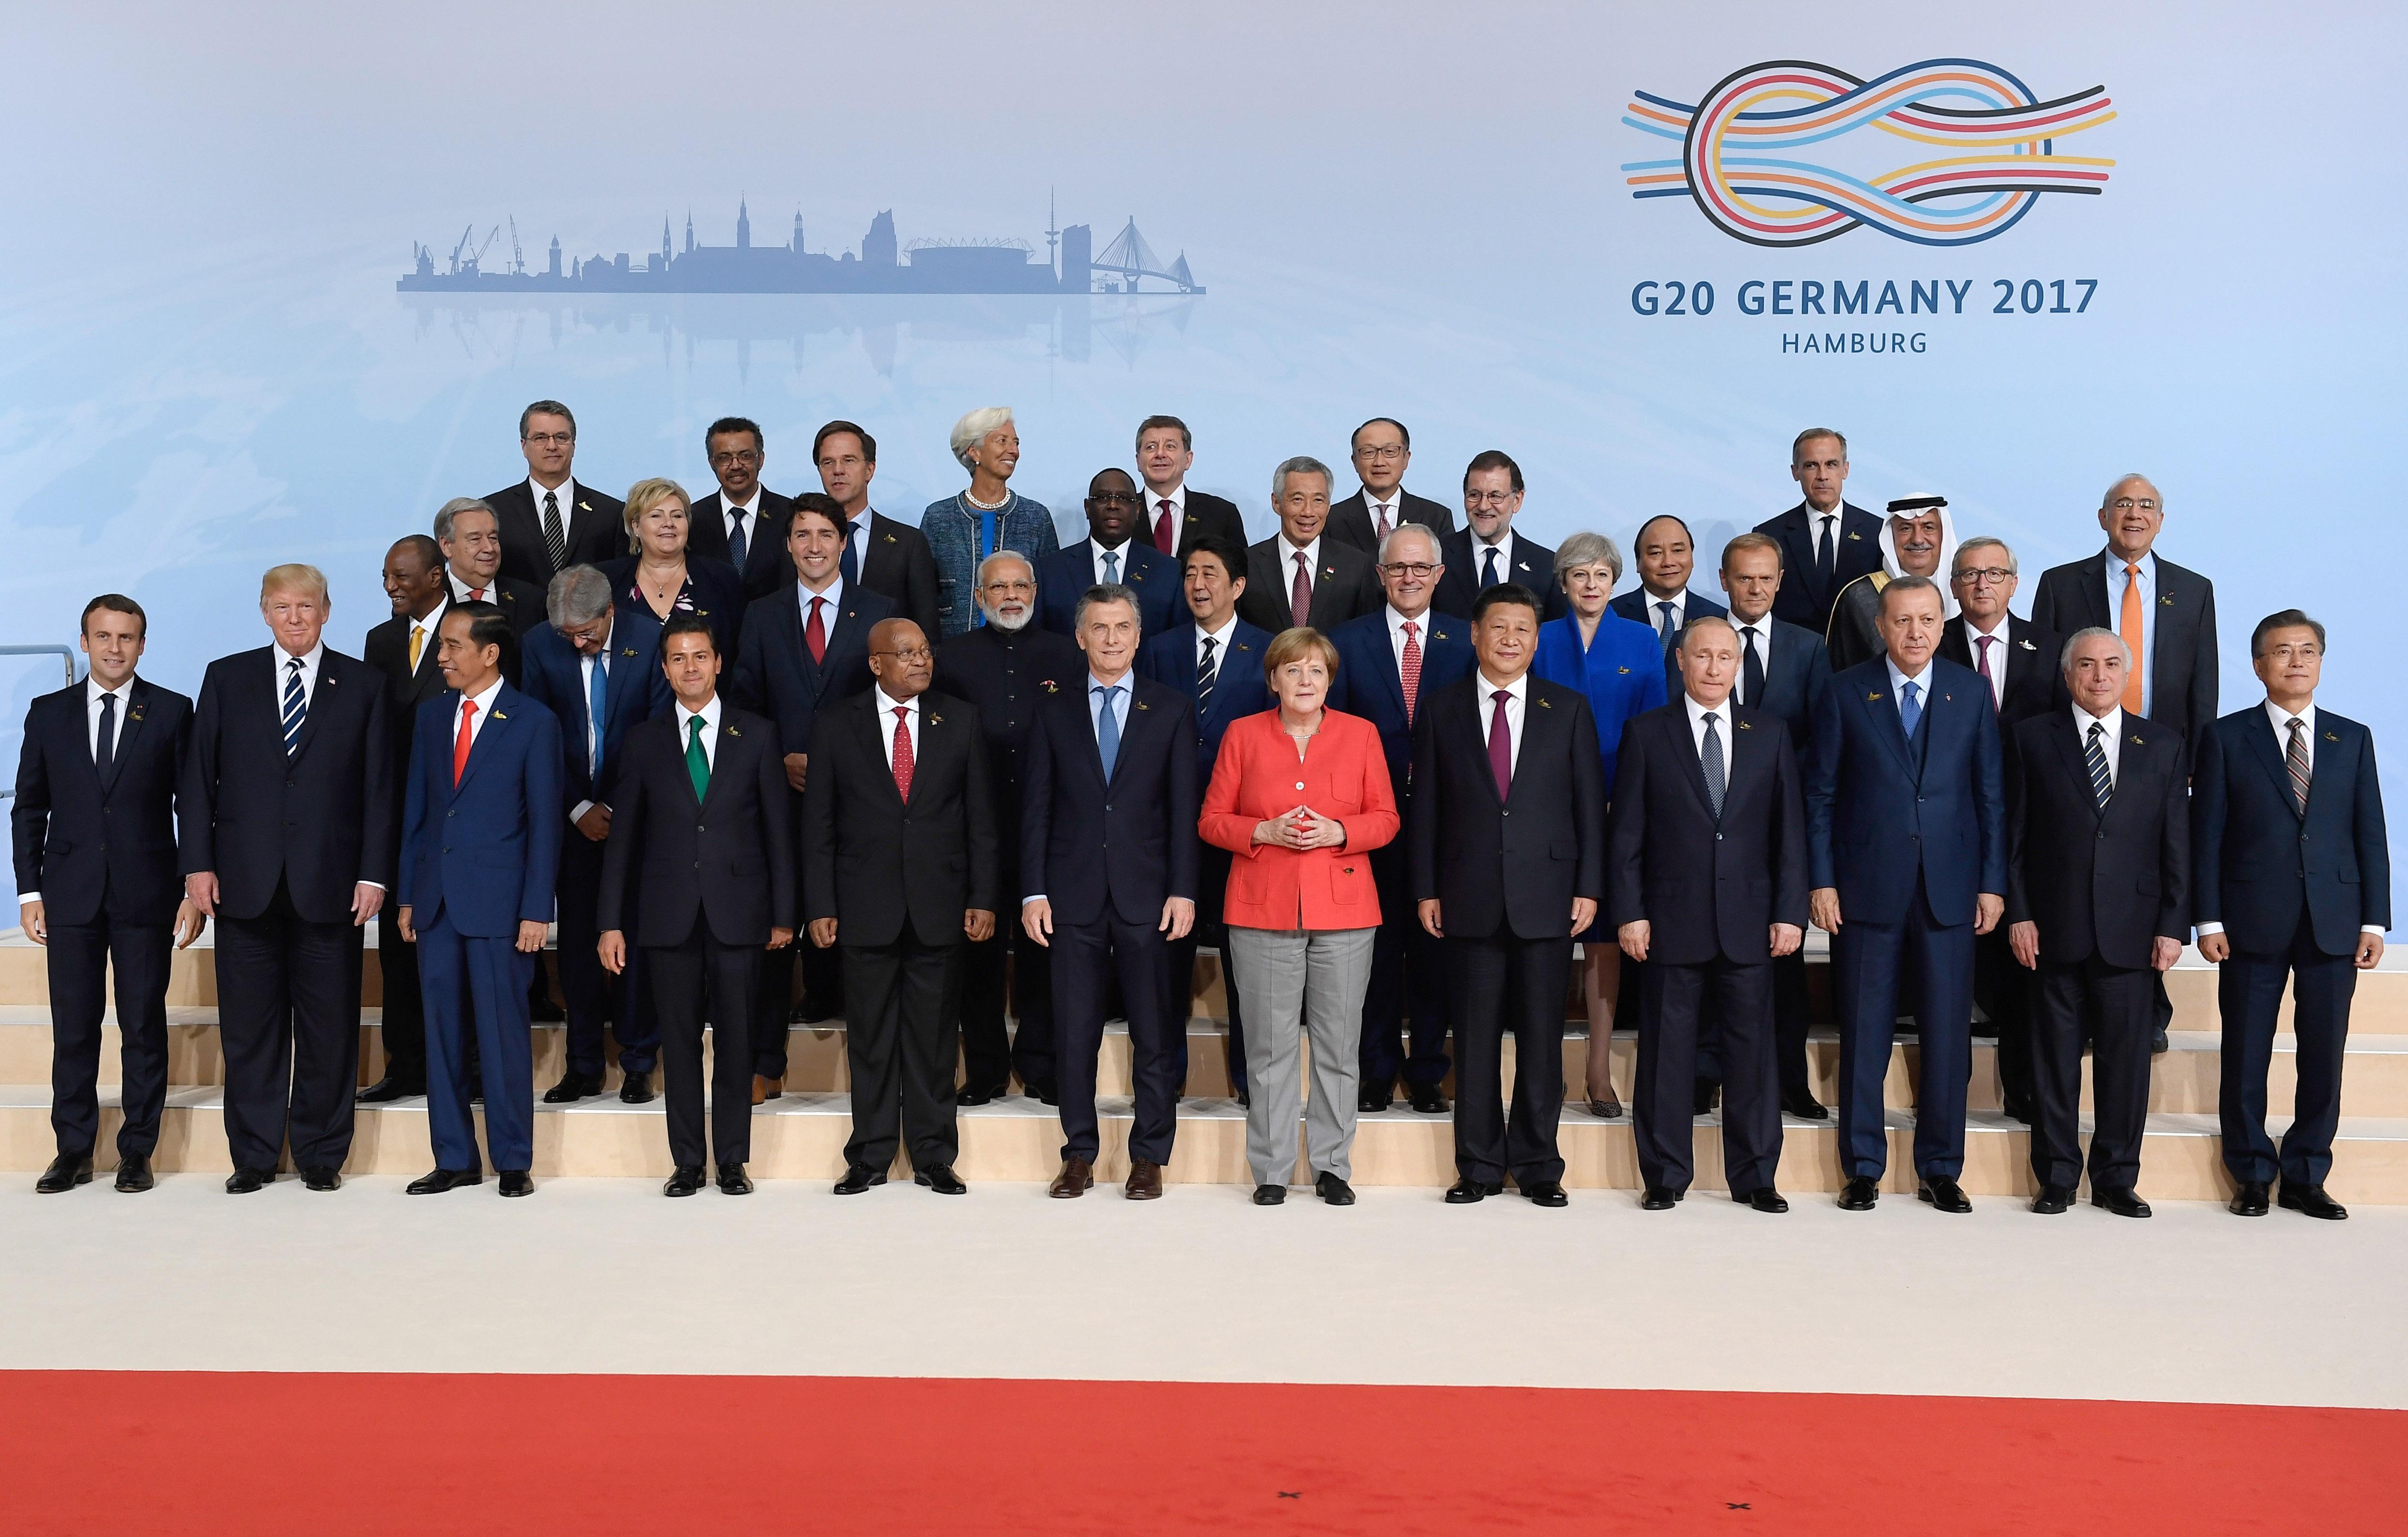 مجموعة العشرين تكثف مكافحة الإرهاب بالتركيز على شبكة الإنترنت